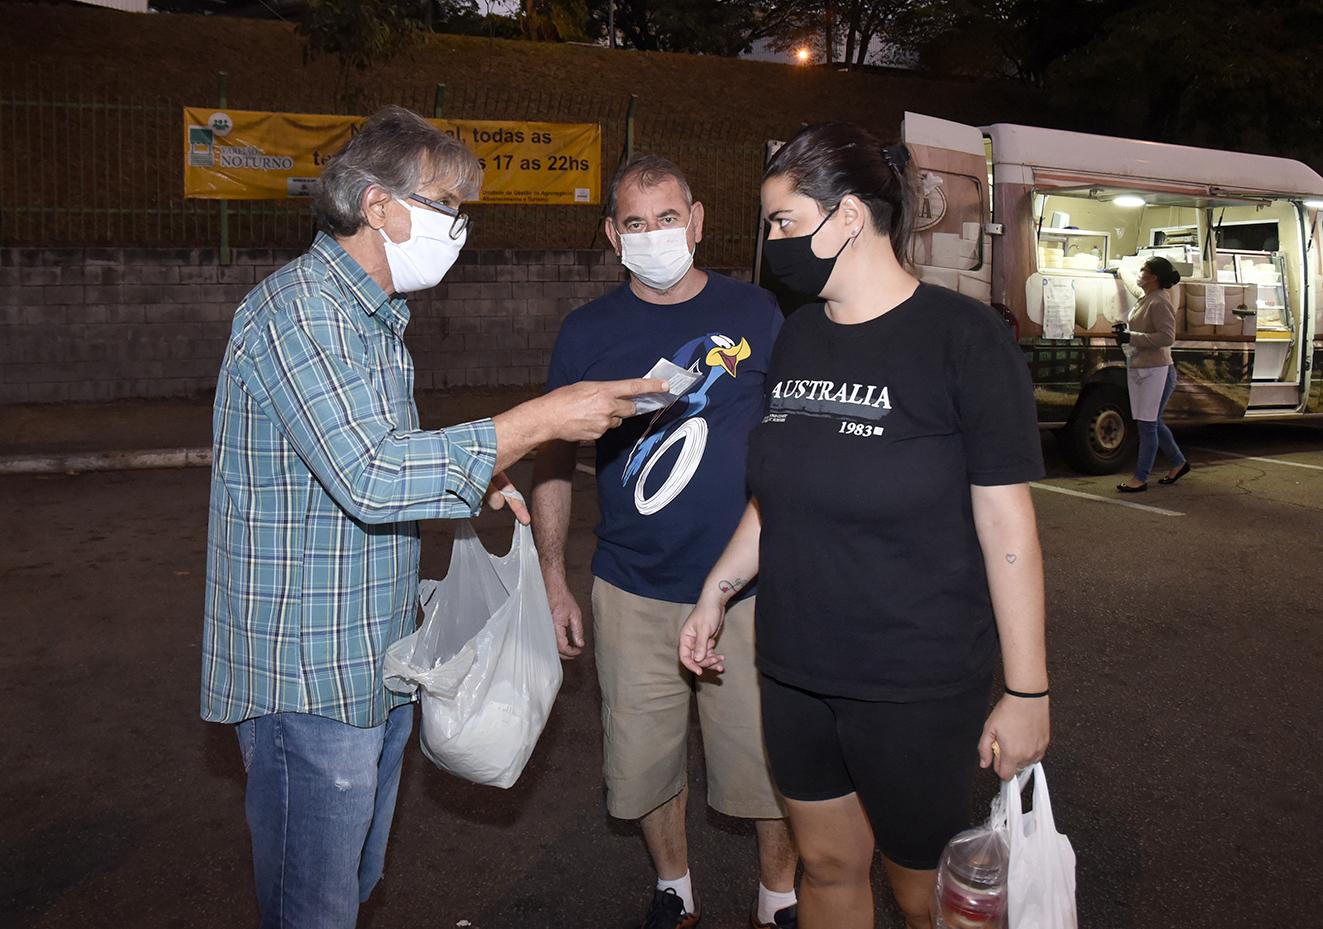 Homem com máscara e roupa xadrez entrega pequeno pacote para homem e mulher, também de máscaras